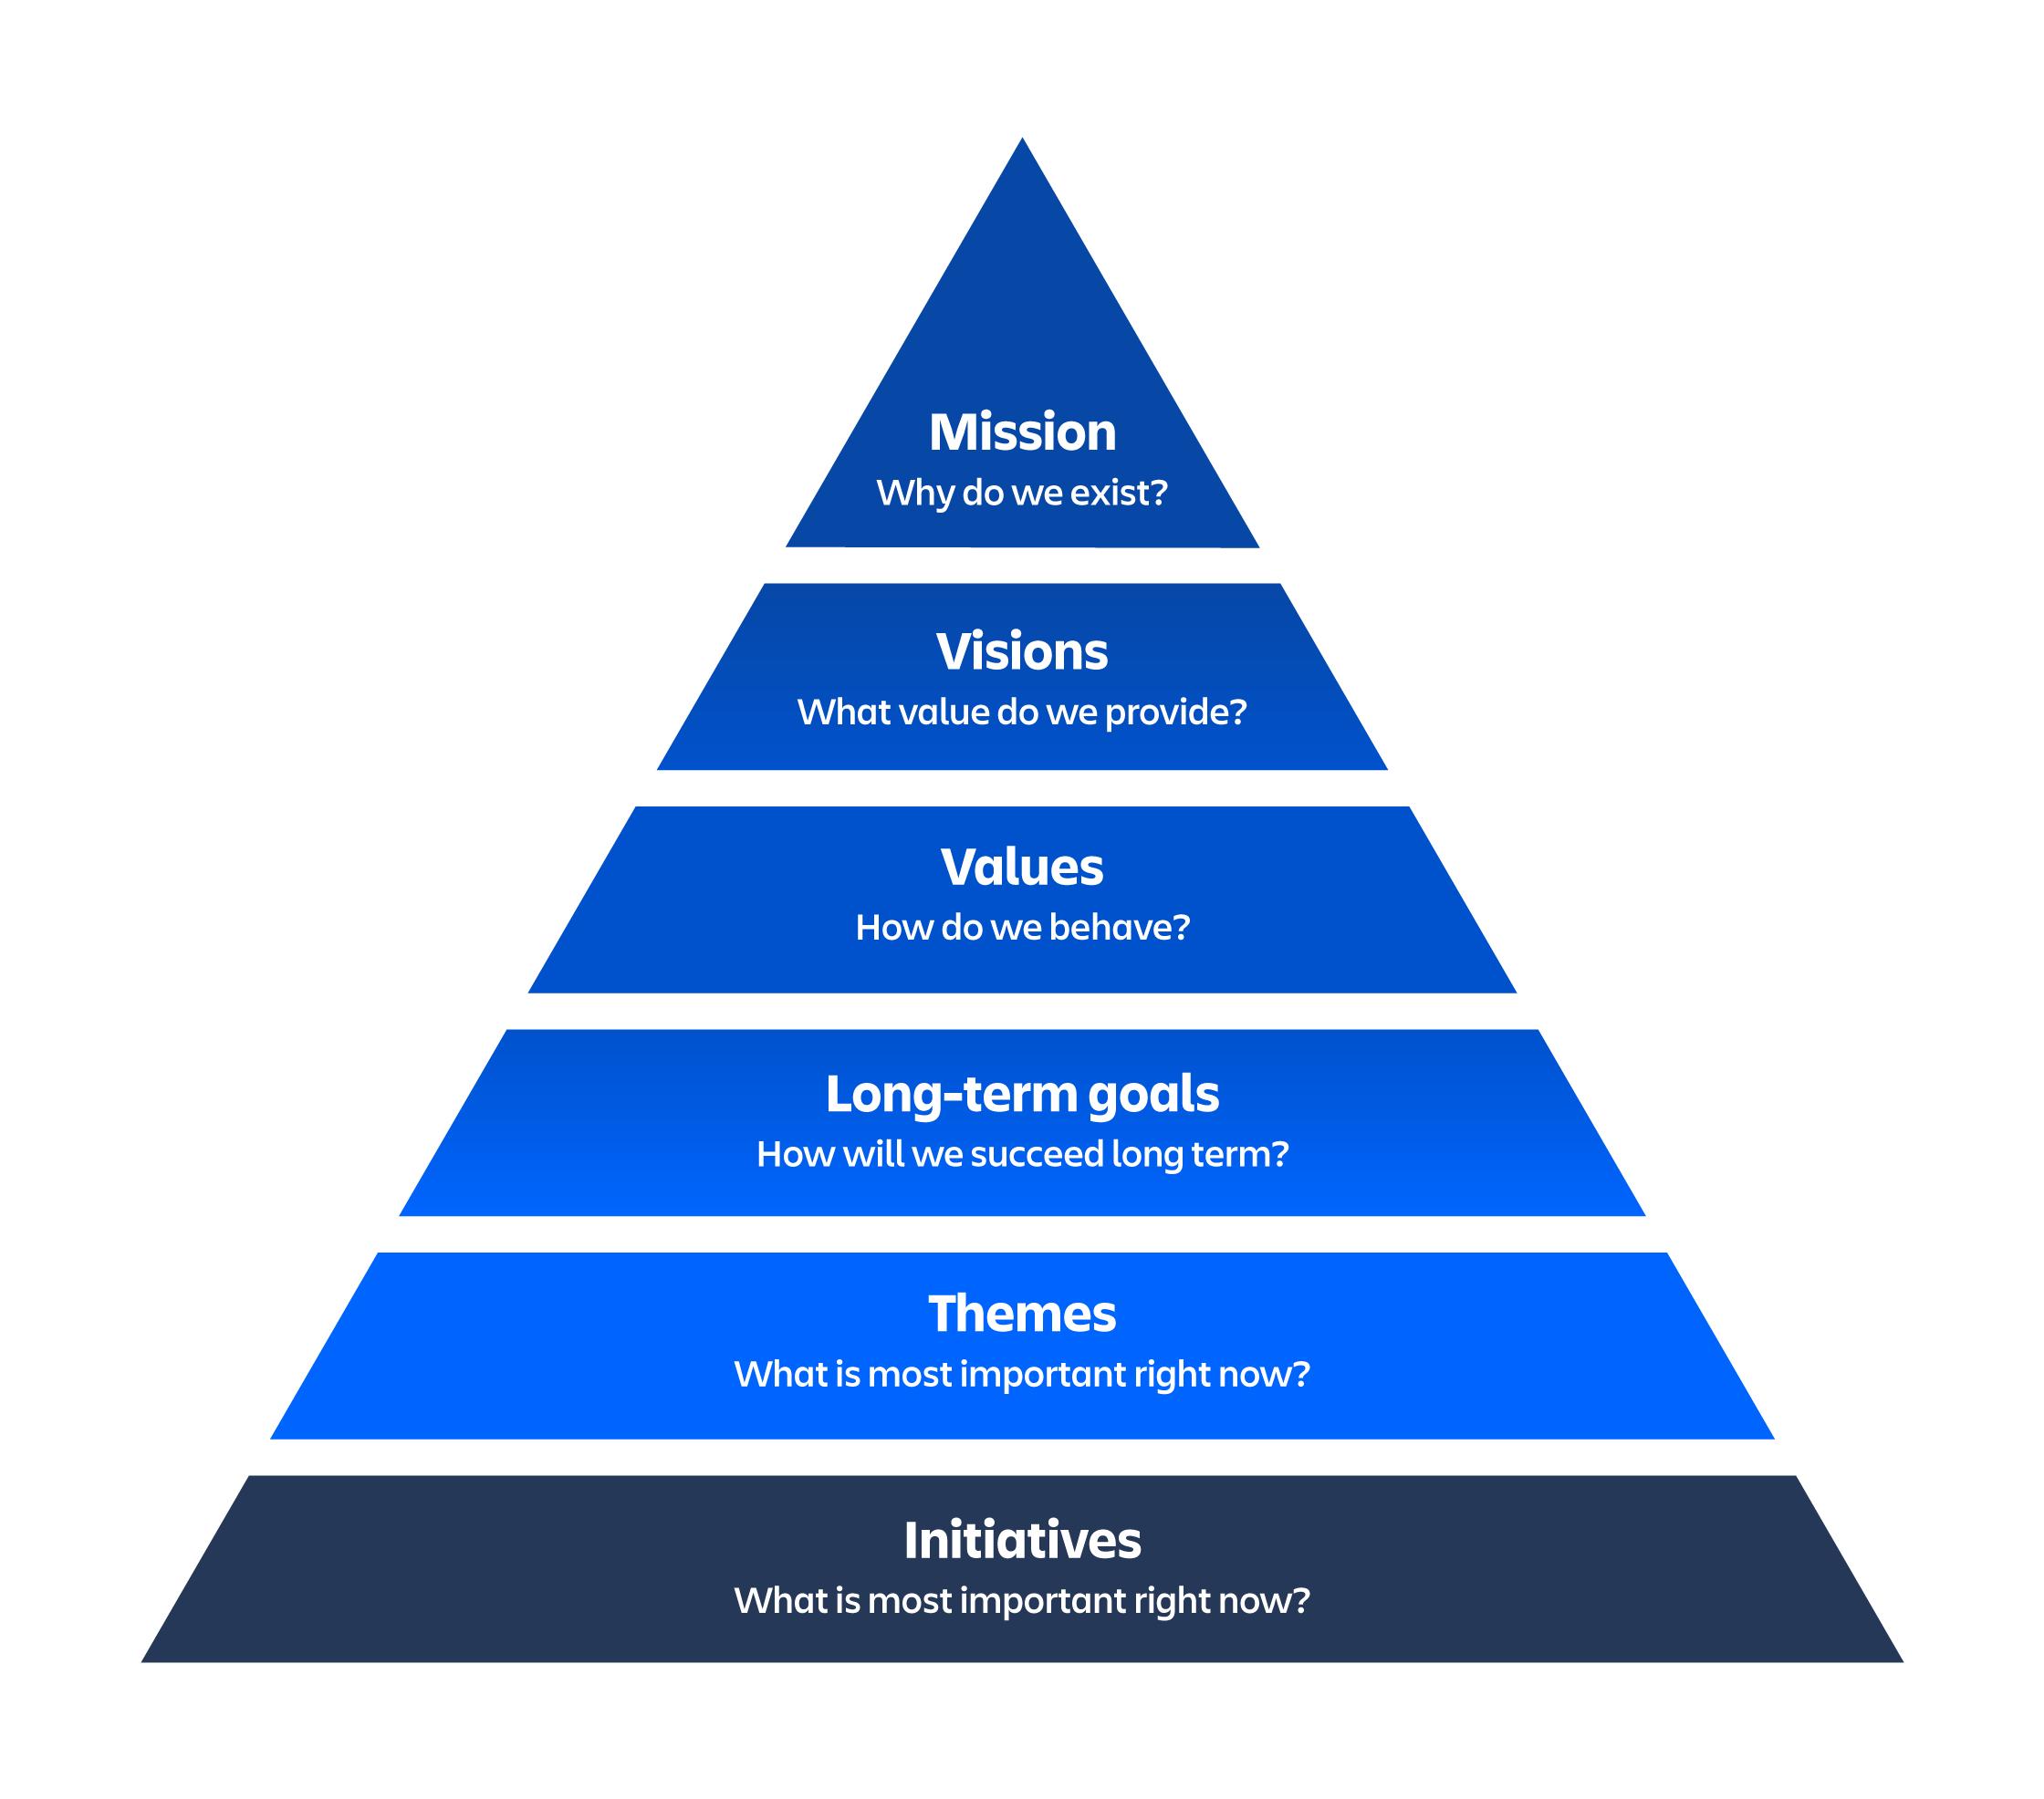 Pyramide de la gestion de portefeuillesLean affichant la mission en haut et les initiatives à la base